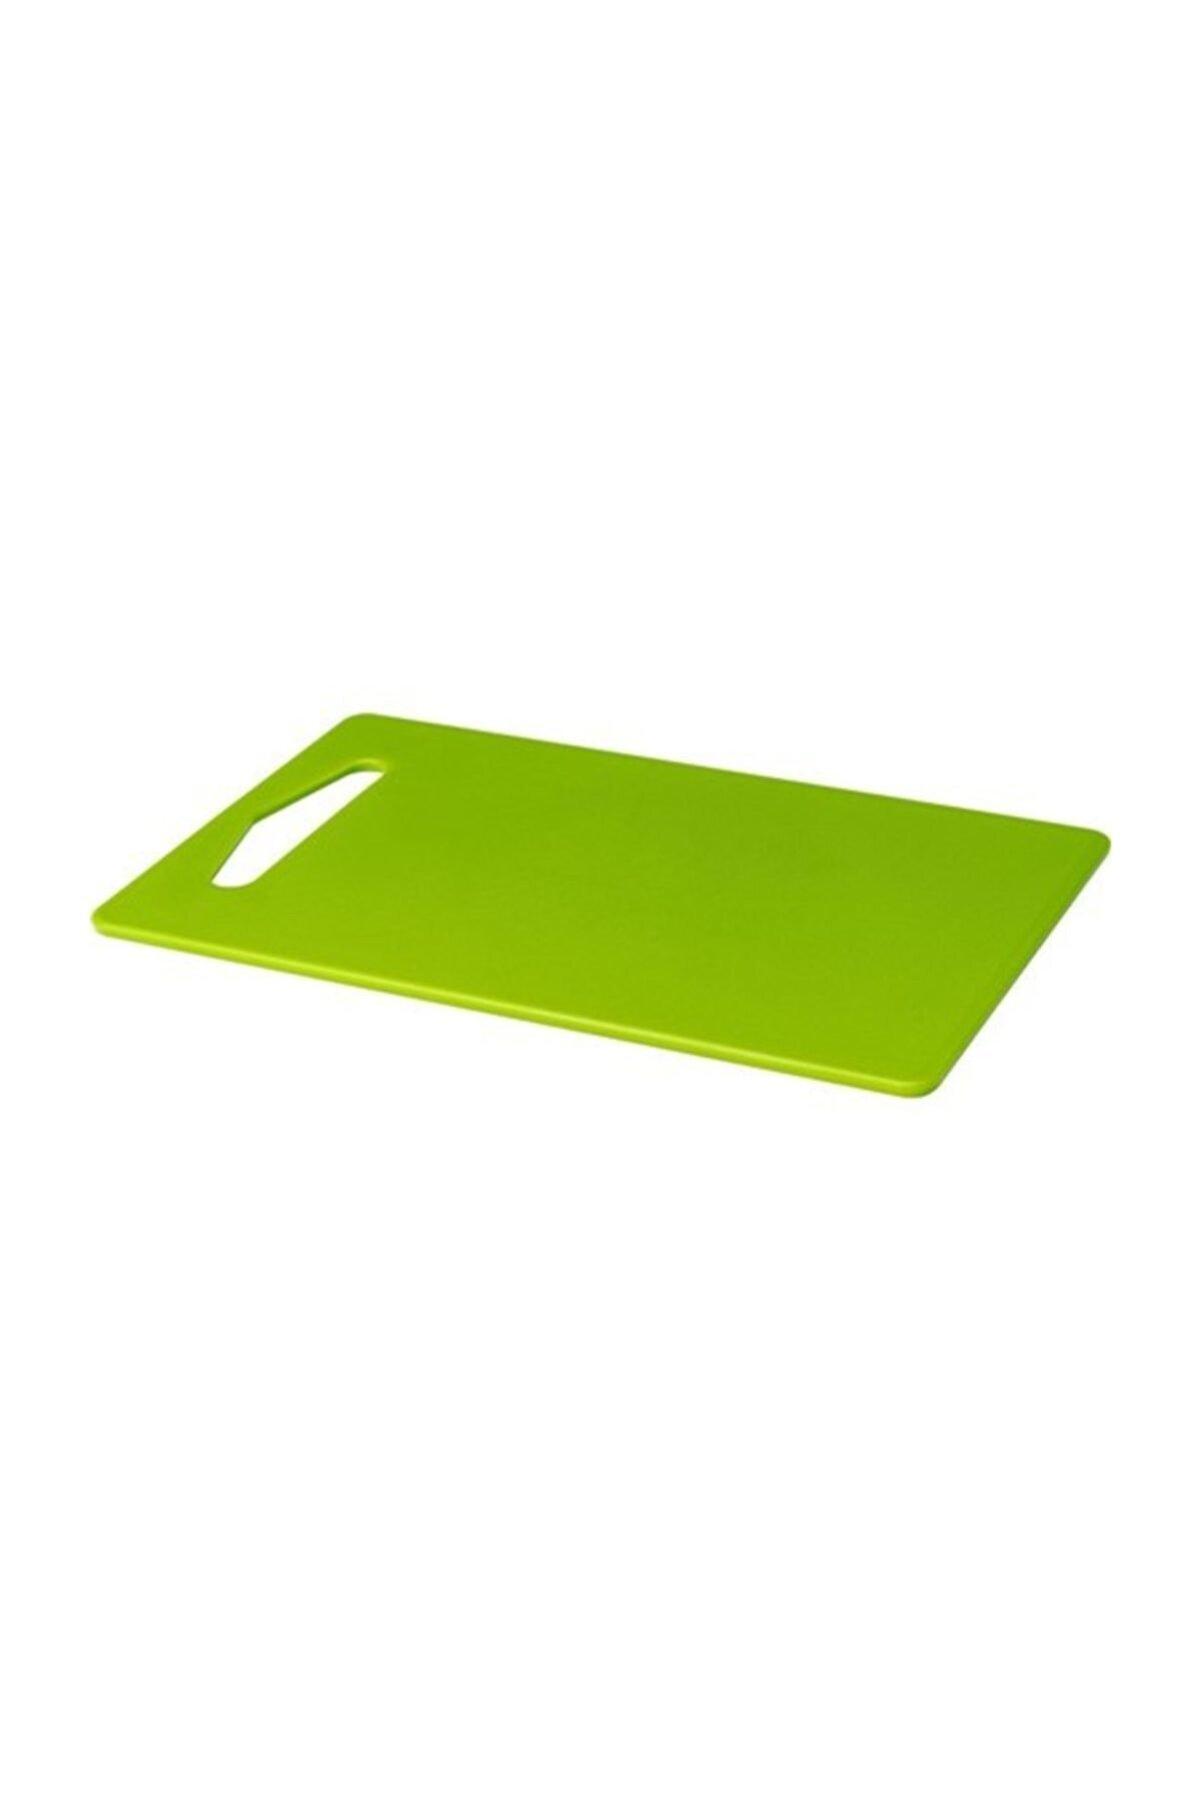 IKEA Hopplös Plastik Yeşil Kesme Tahtası 15x24 cm